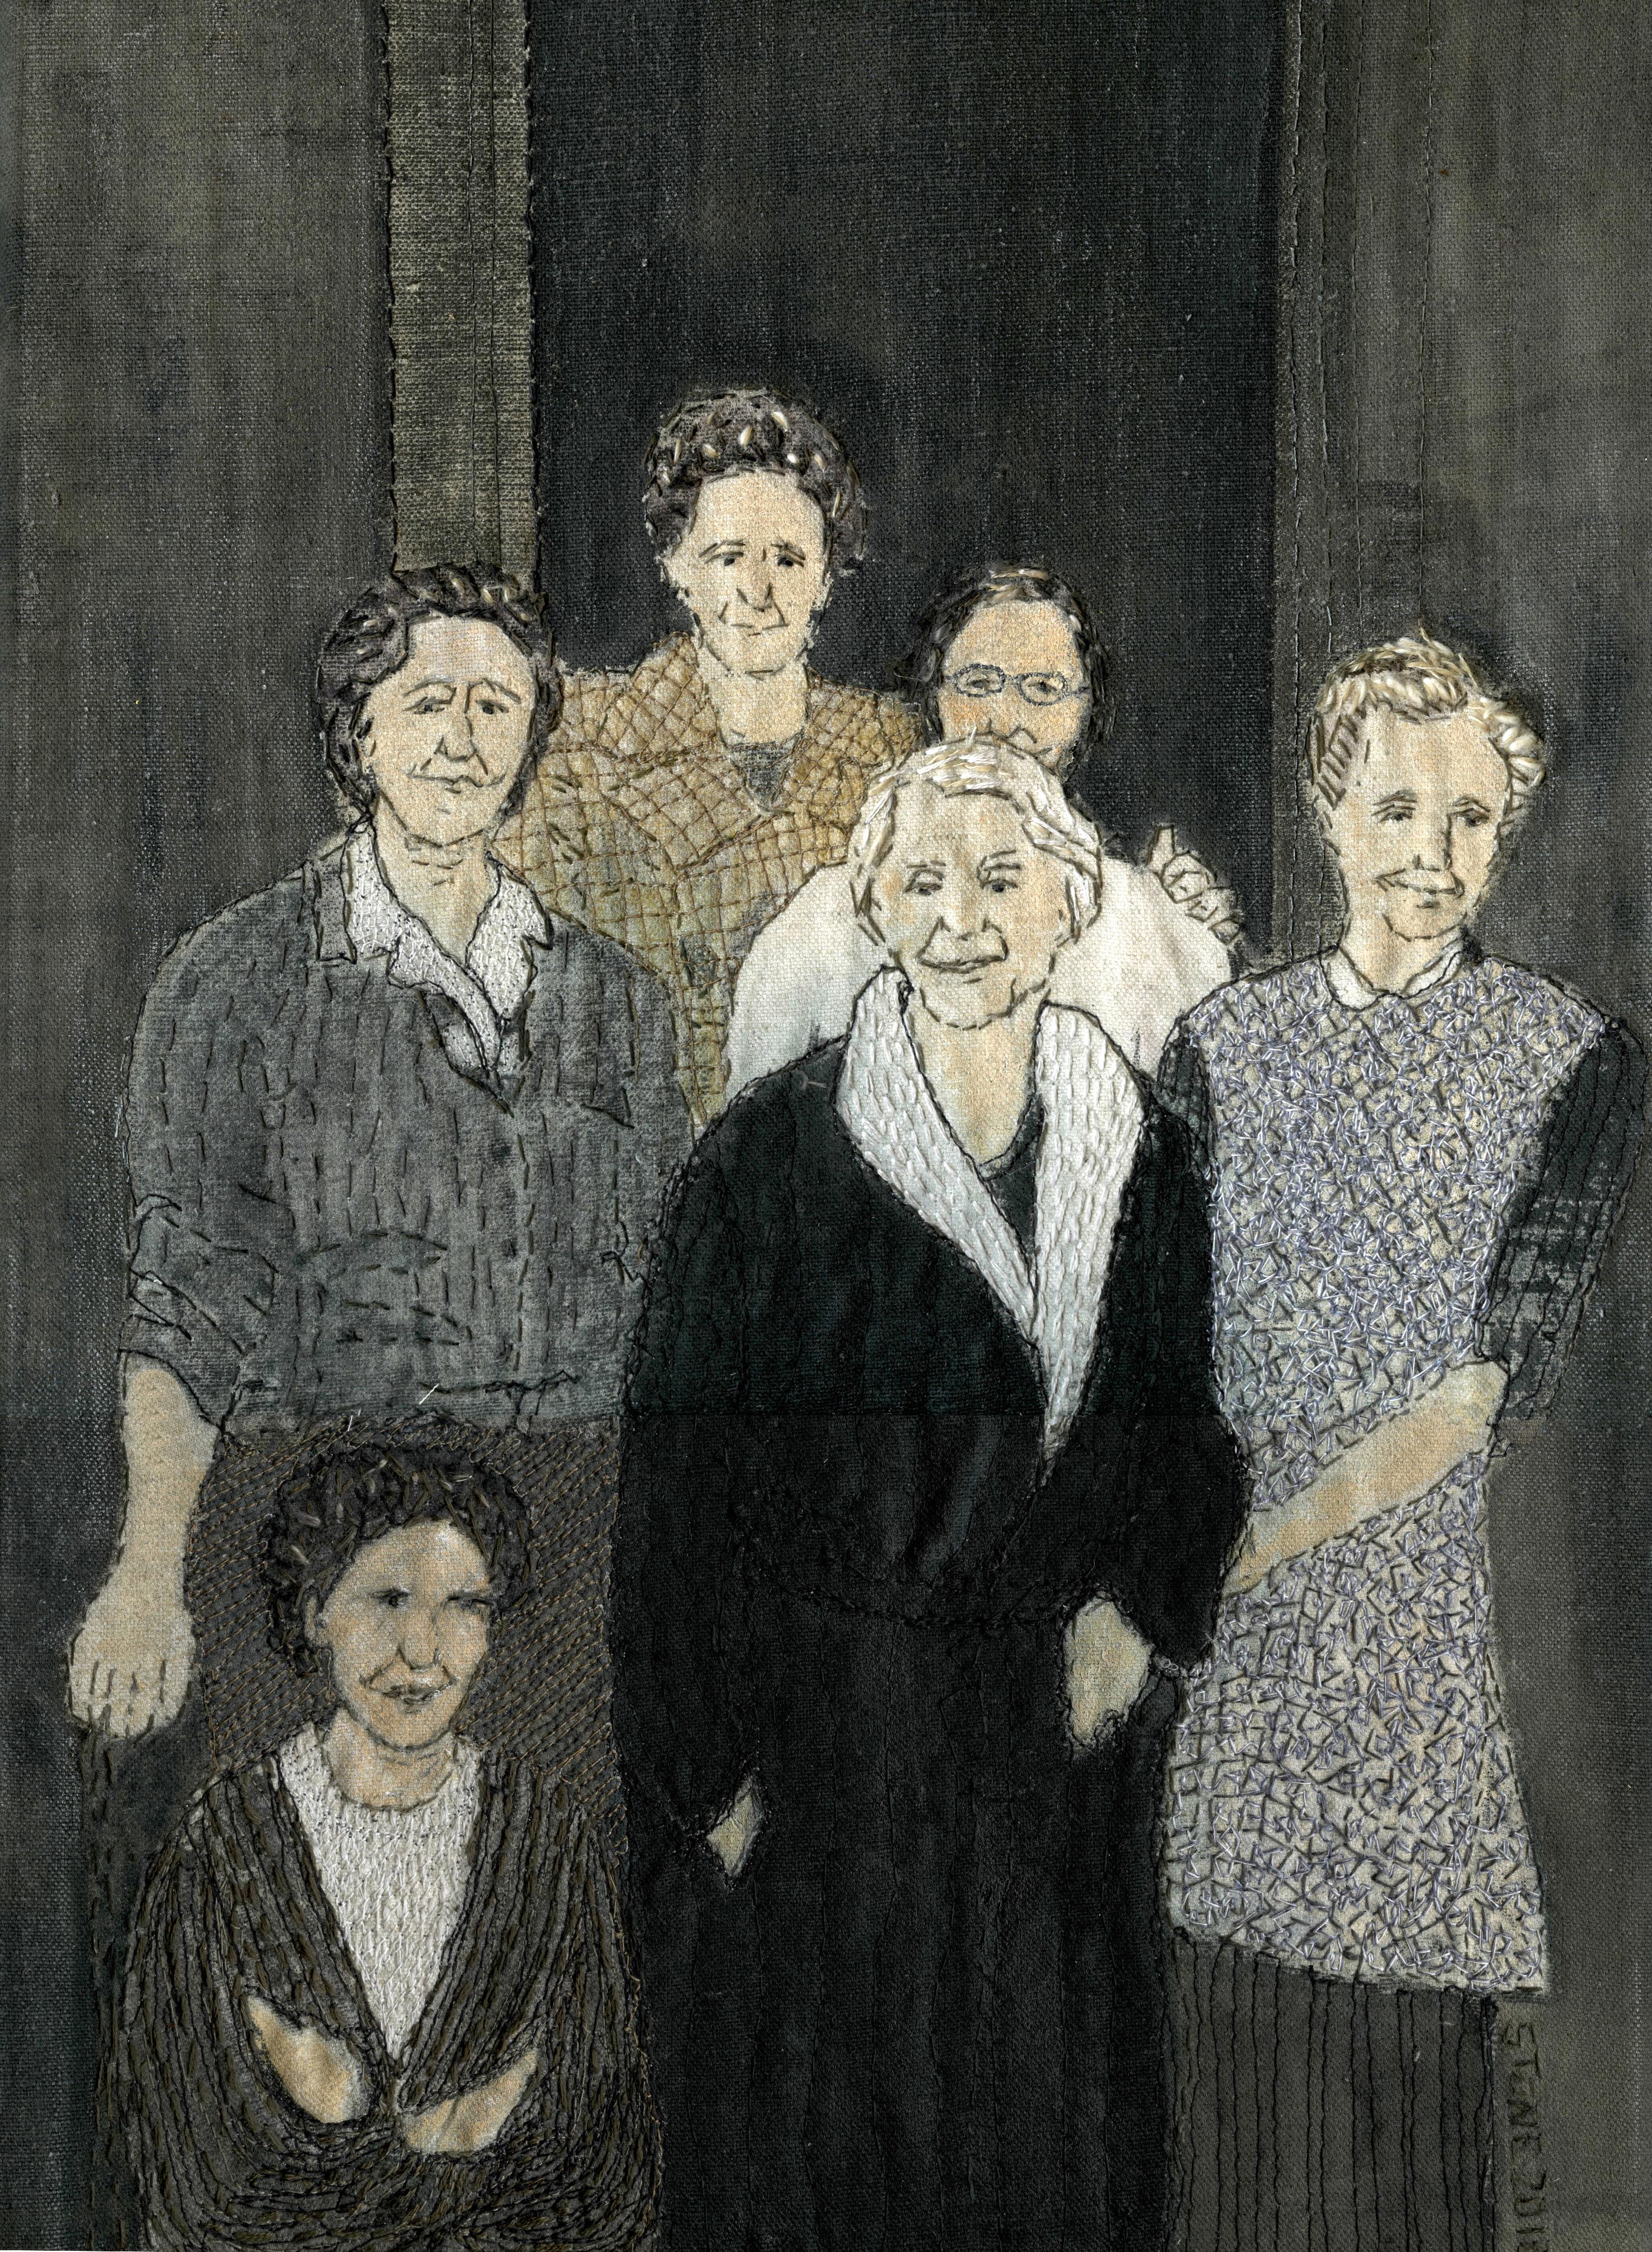 Beryl's Gran & Friends